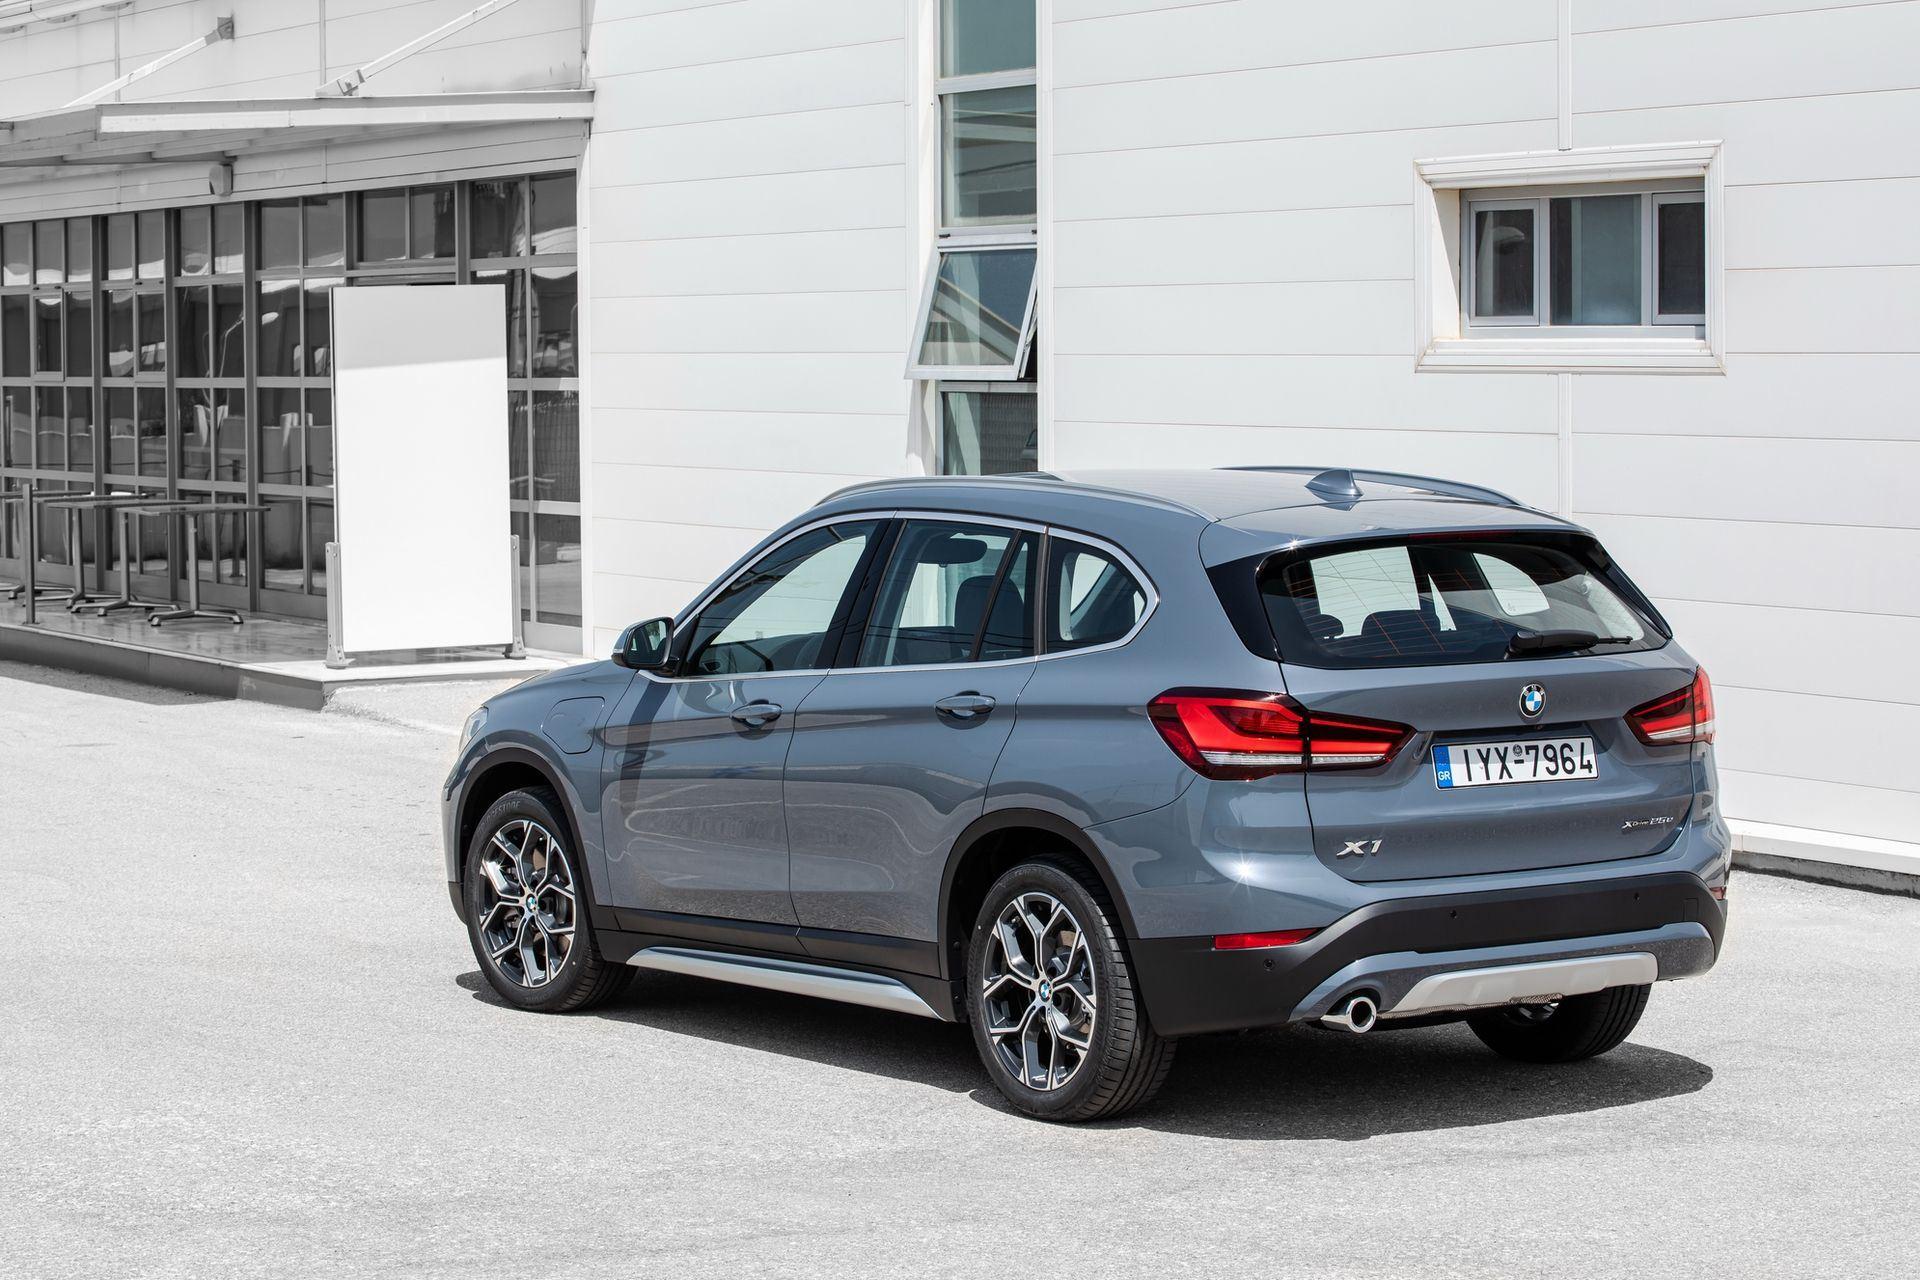 BMW_X1_xDrive25e_Greek_0013